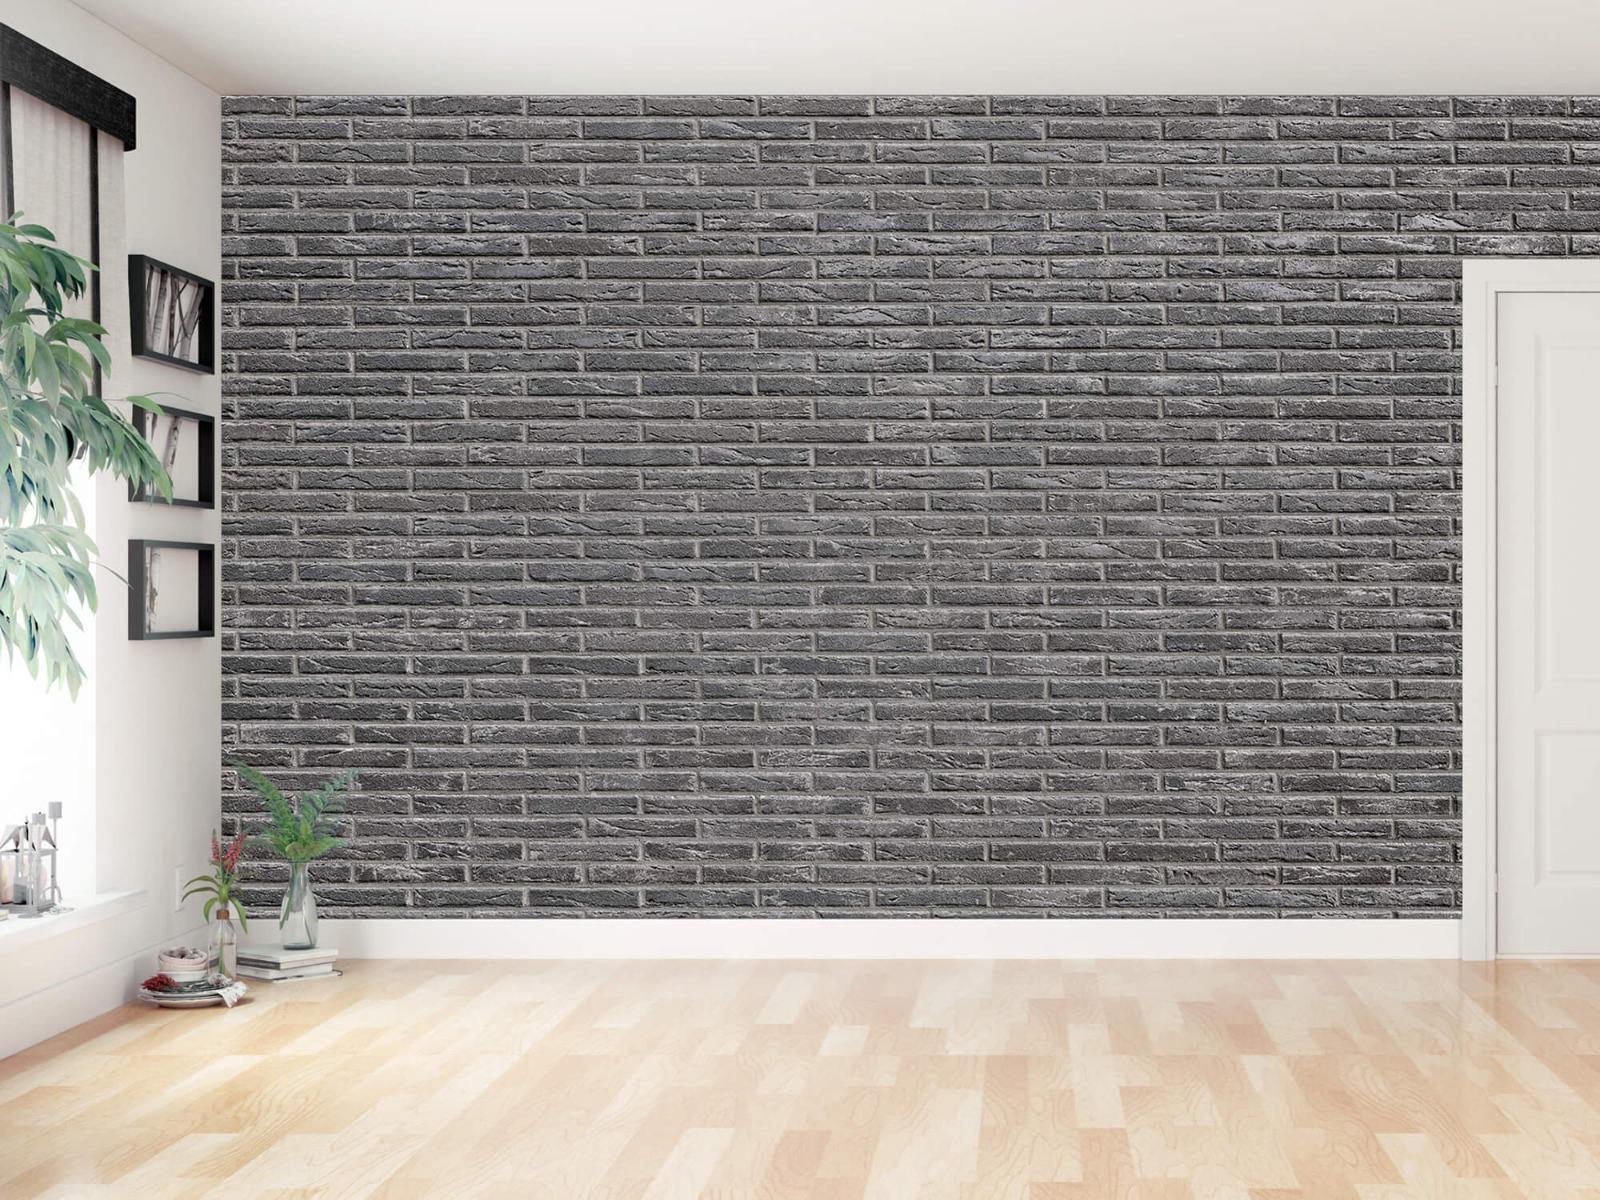 Steen behang - Grijze bakstenen - Wallexclusive - Slaapkamer 16